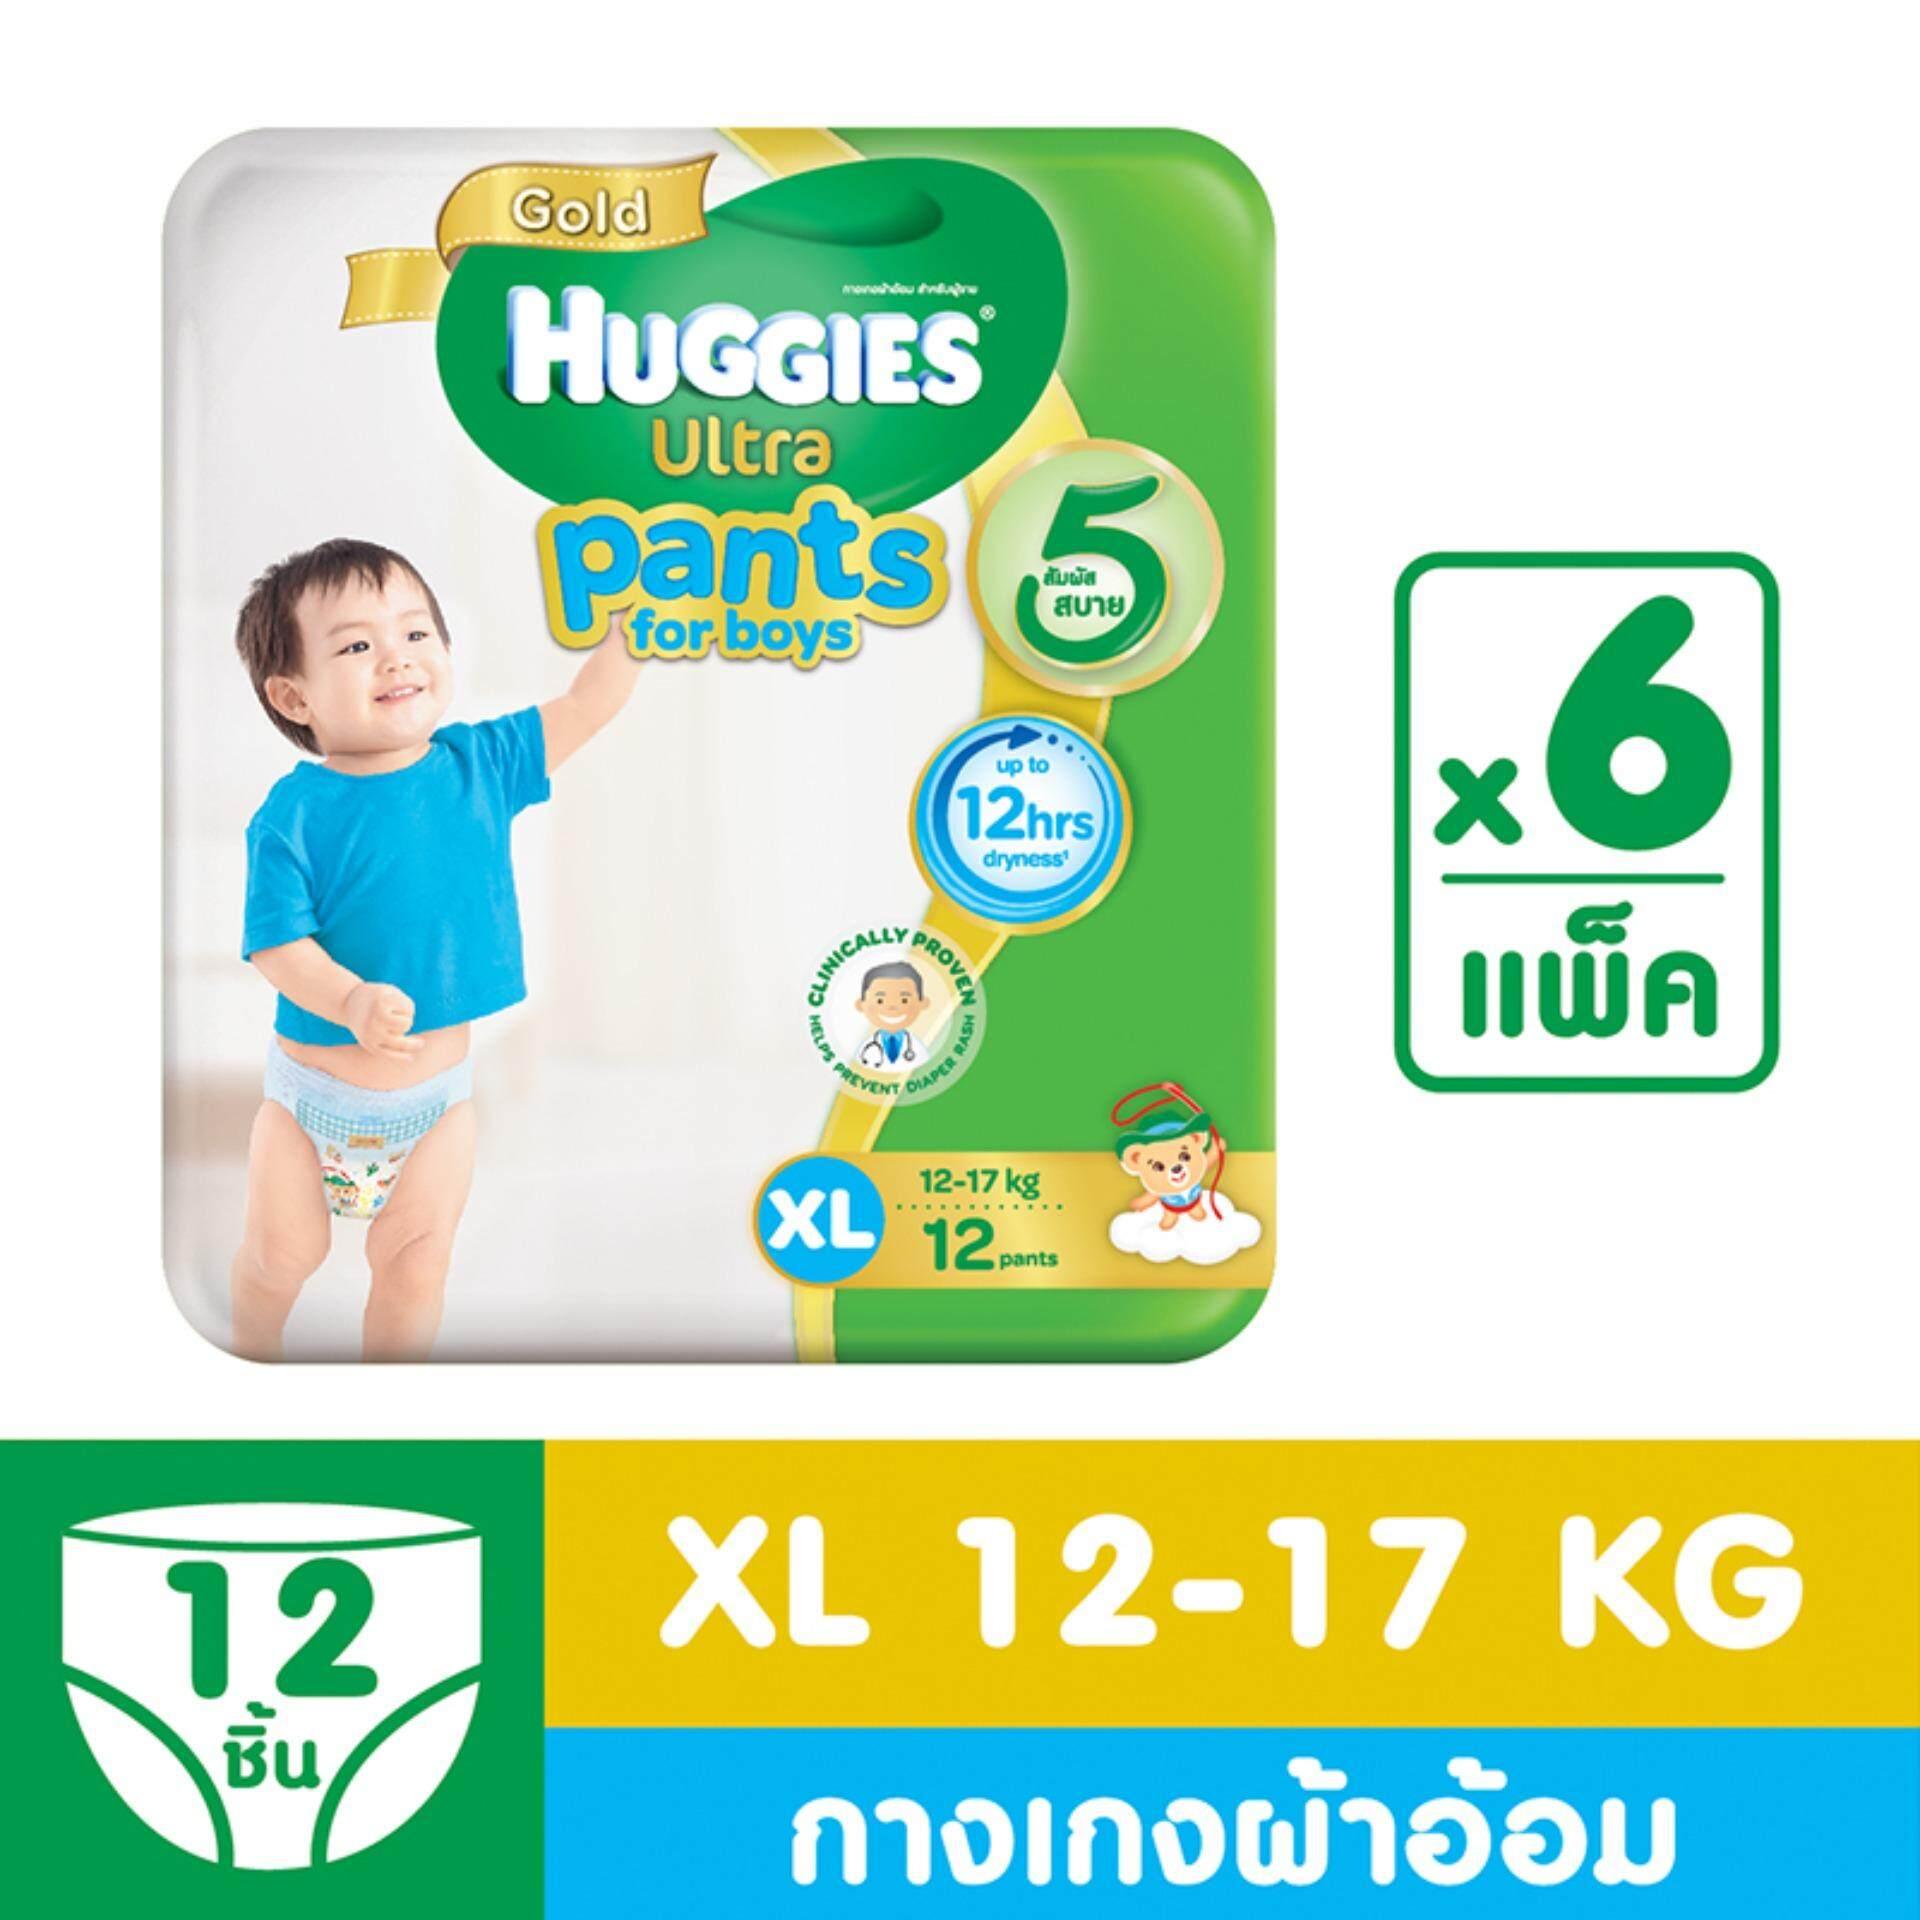 ราคา ขายยกลัง Huggies Ultra Gold แบบกางเกง ไซส์ Xl 12 ชิ้น 6 แพ็ก สำหรับเด็กชาย Huggies เป็นต้นฉบับ